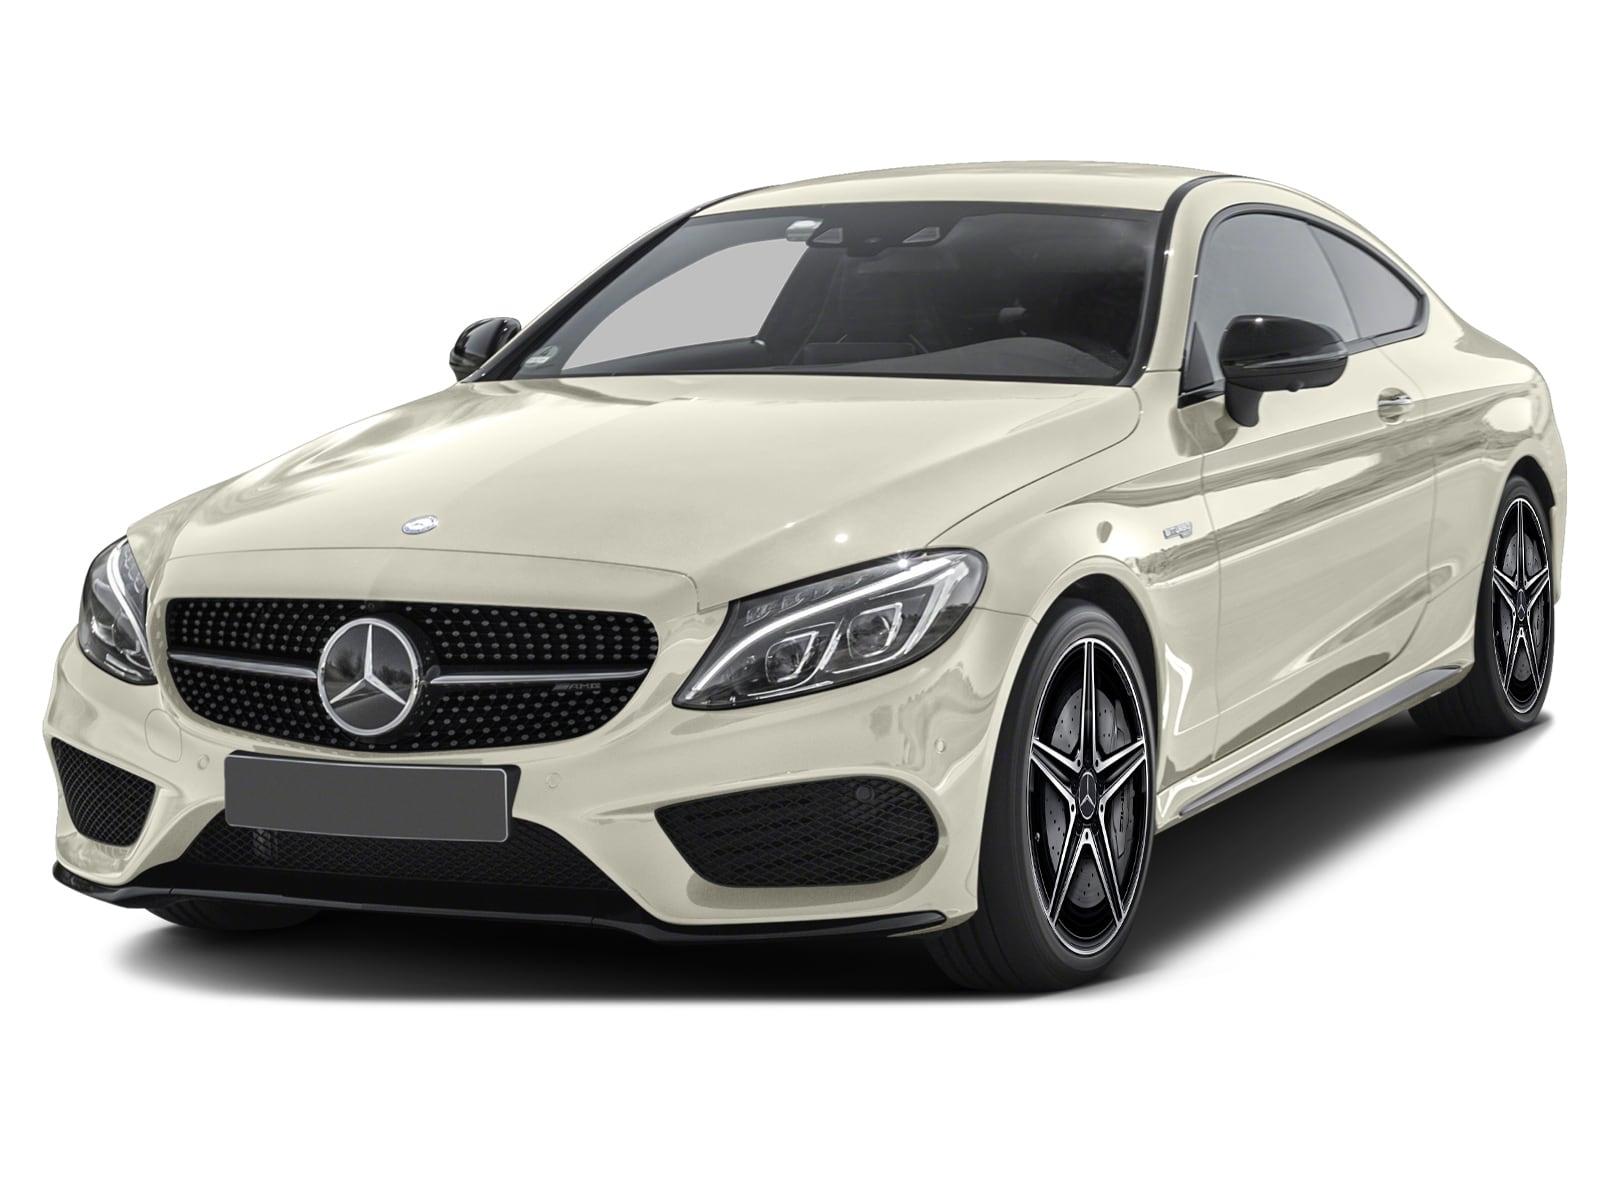 Used Inventory U003e Used Mercedes Benz U003e Used Mercedes Benz C Class U003e Used  2017 Mercedes Benz C Class C 63 S AMG®